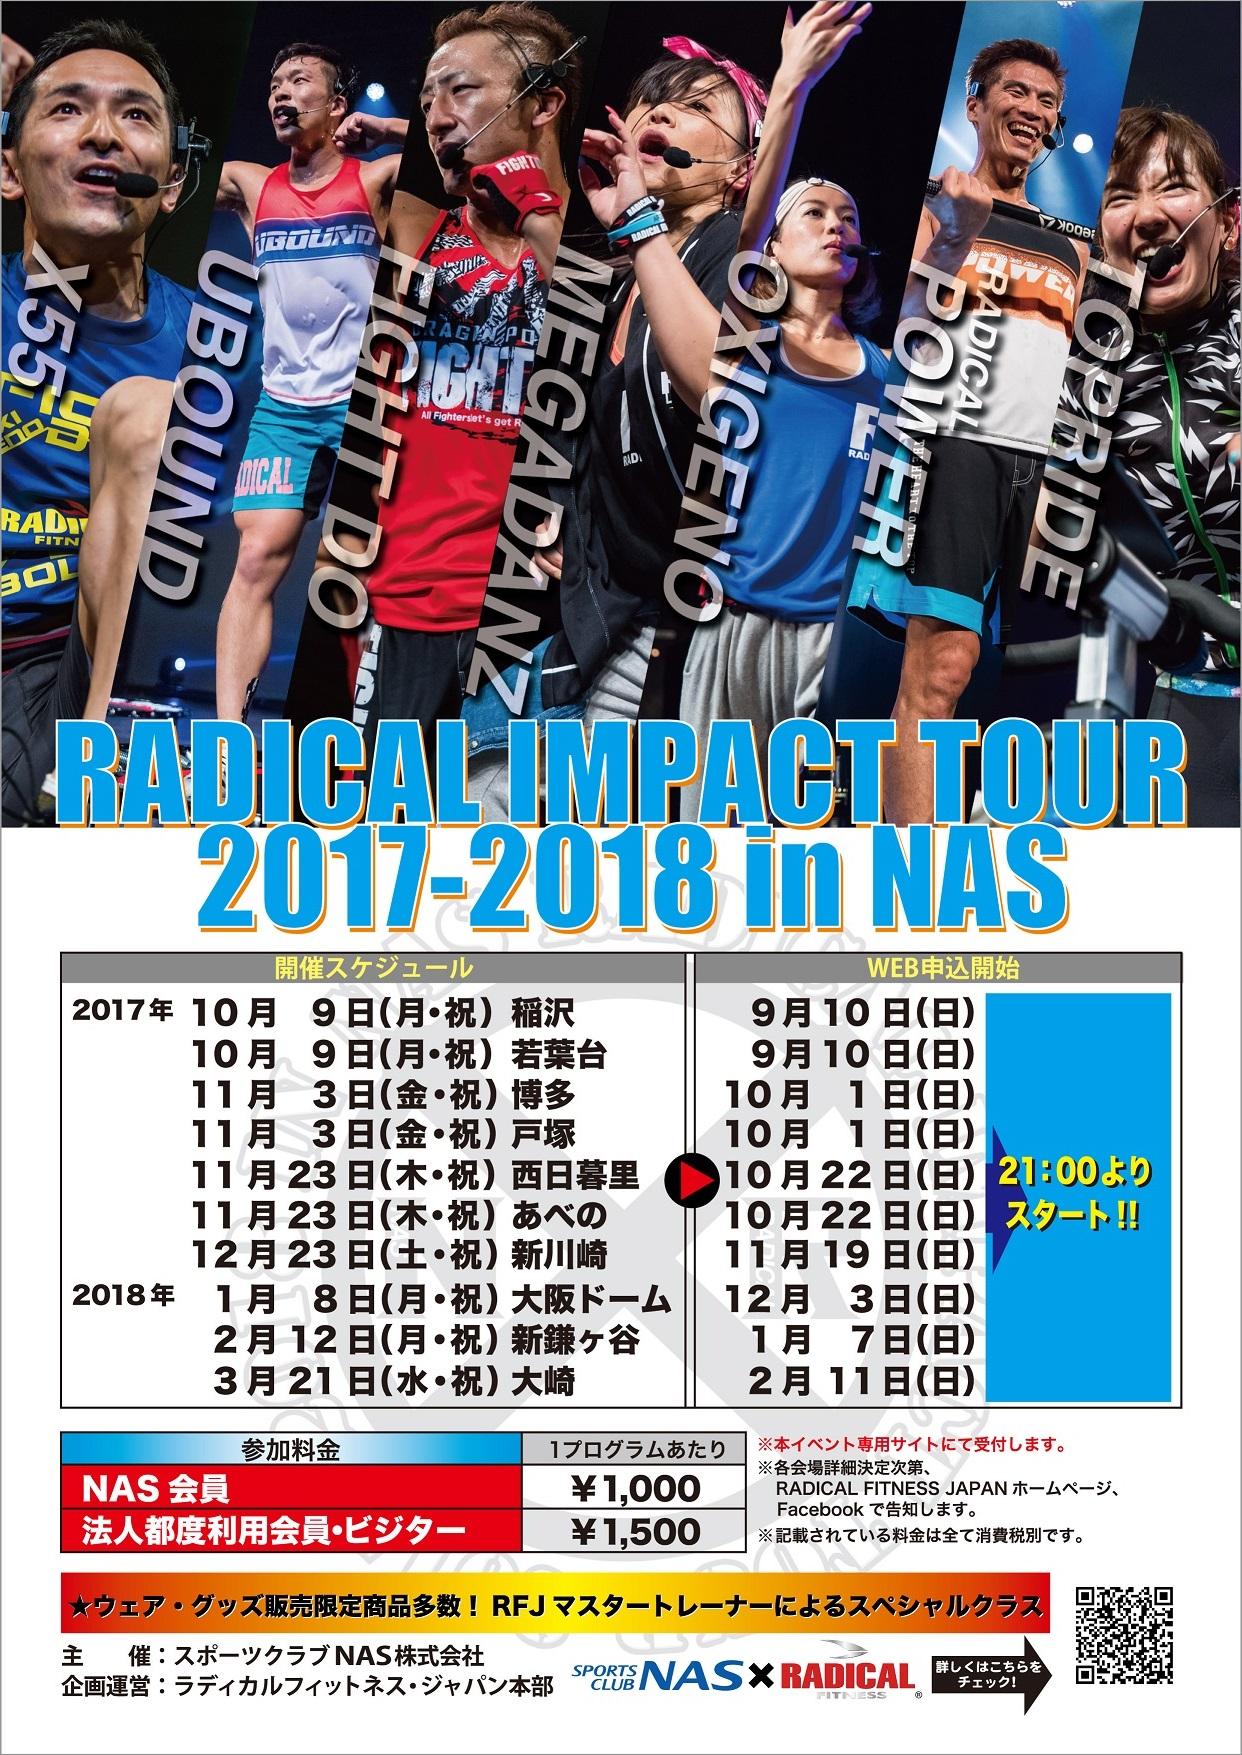 ラディカルインパクトツアー2017-2018 in NAS新鎌ヶ谷 NAS会員様